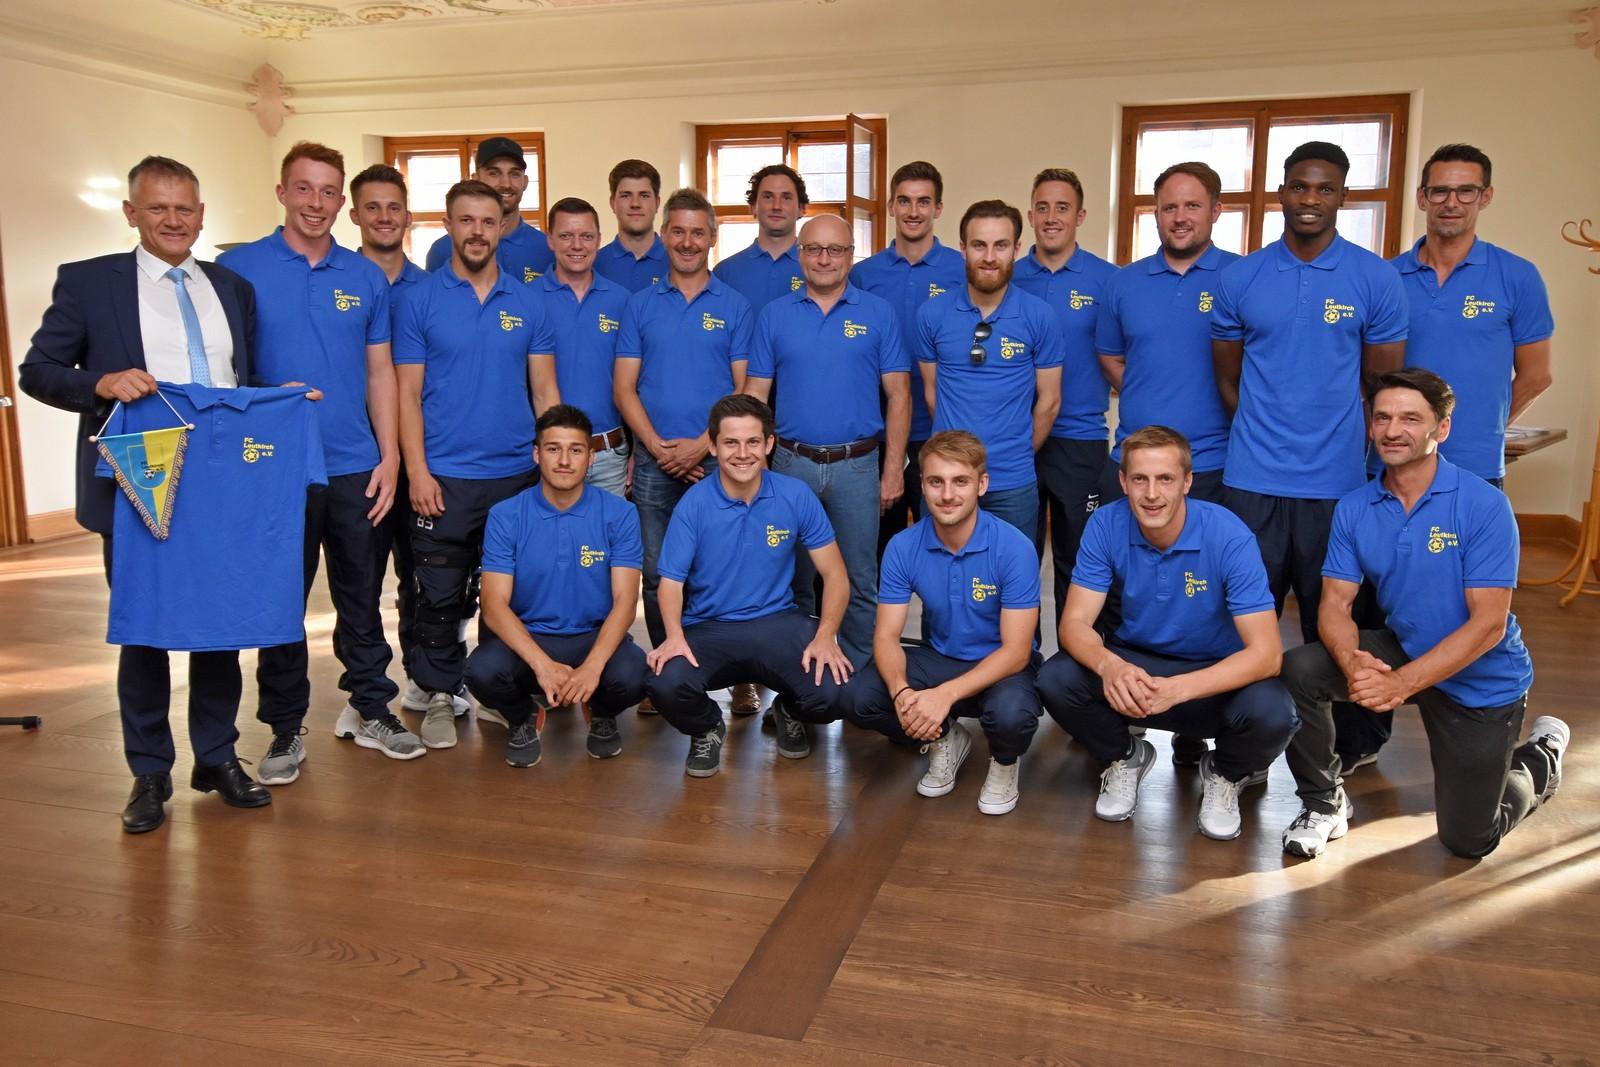 Die Fußballer und Betreuer des FC Leutkirch werden nach ihrem Aufstieg in die Landesliga von OB Henle (links) im Rathaus empfangen.